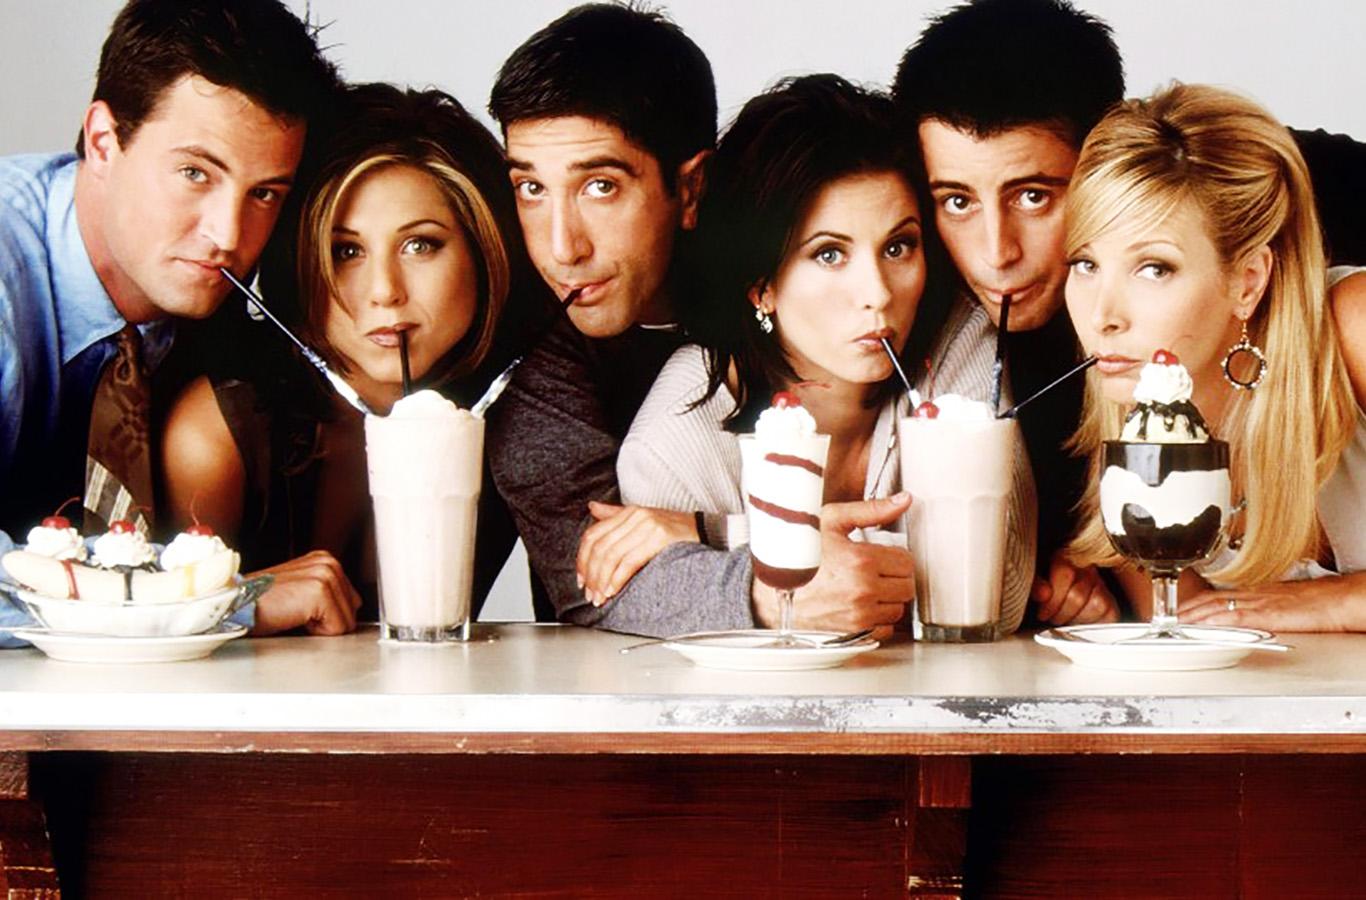 بازیگران سریال Friends الآن کجا هستند؟